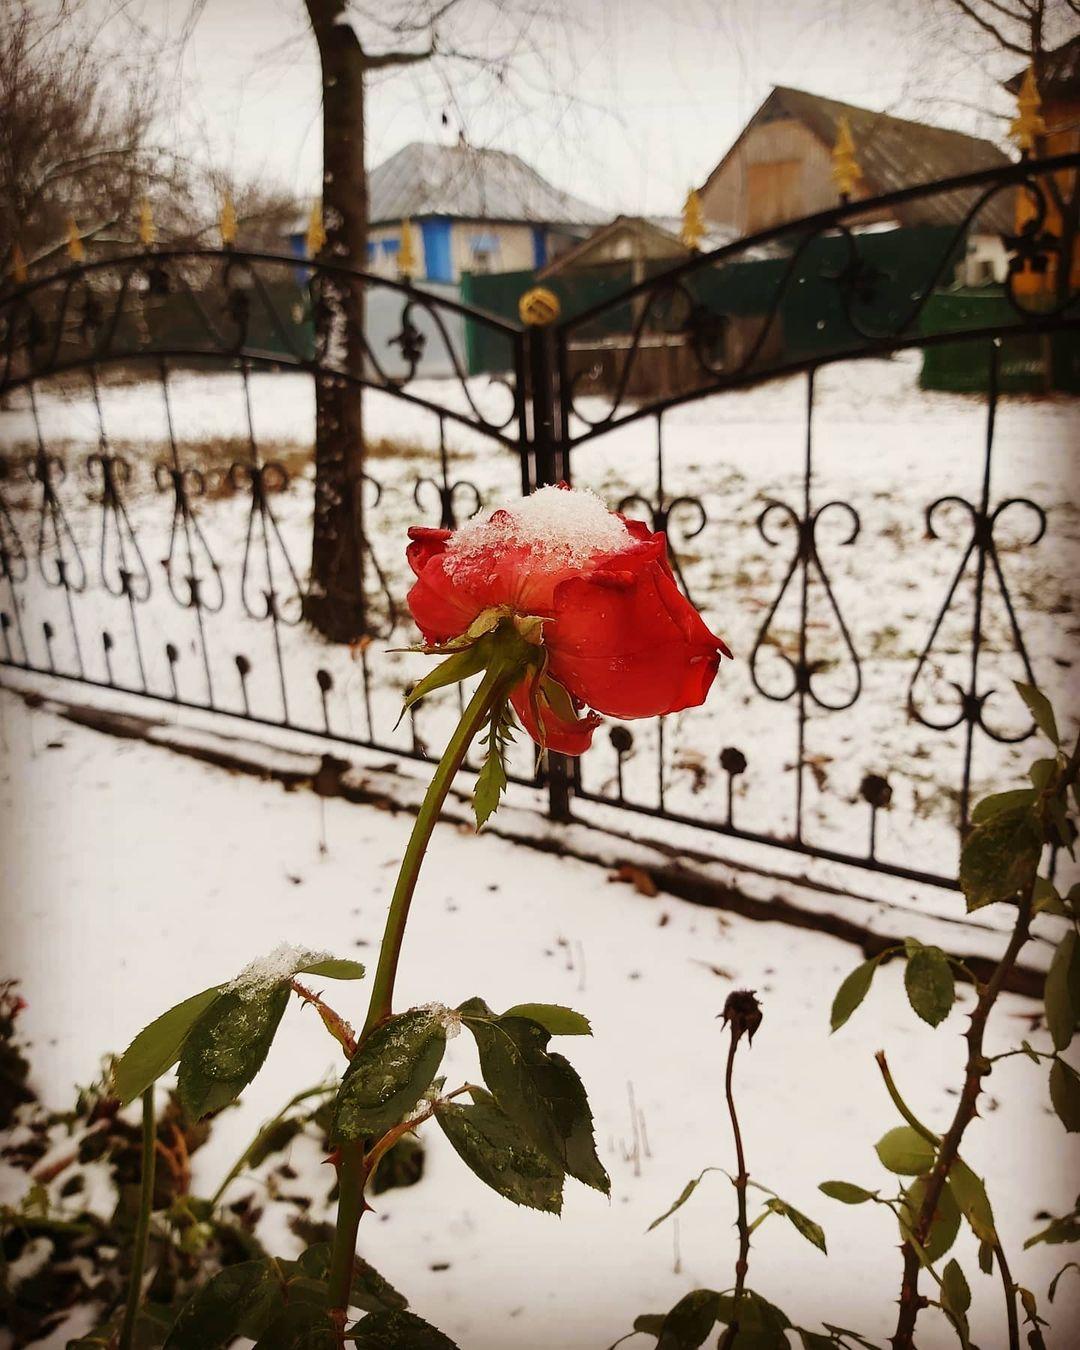 Цветы, припорошенные снегом: Украину «накрыла» зимняя сказка (ФОТО)